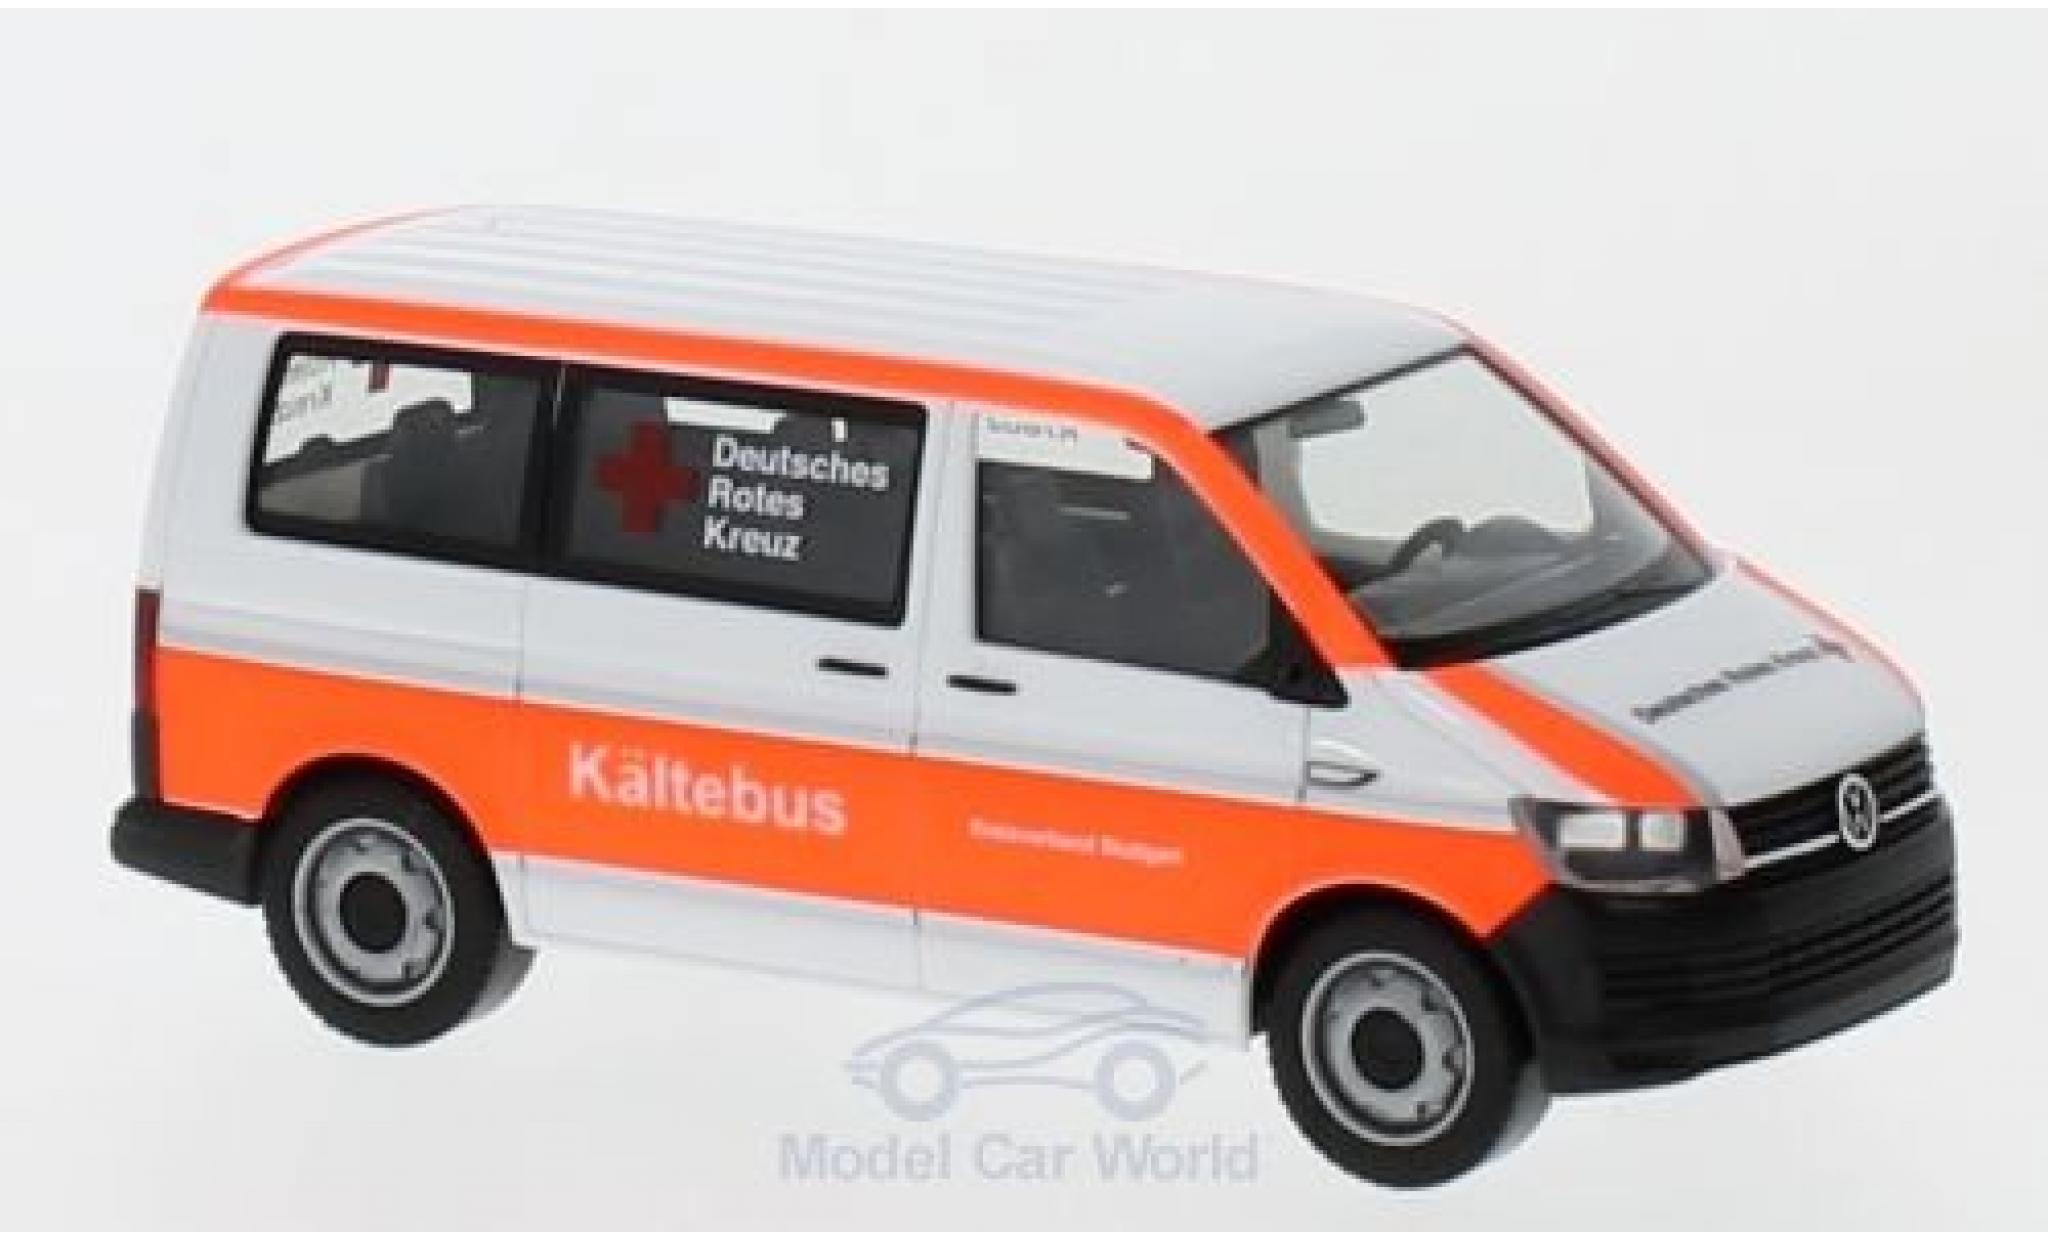 Volkswagen T6 1/87 Herpa Bus DRK Stuttgart / Kältebus